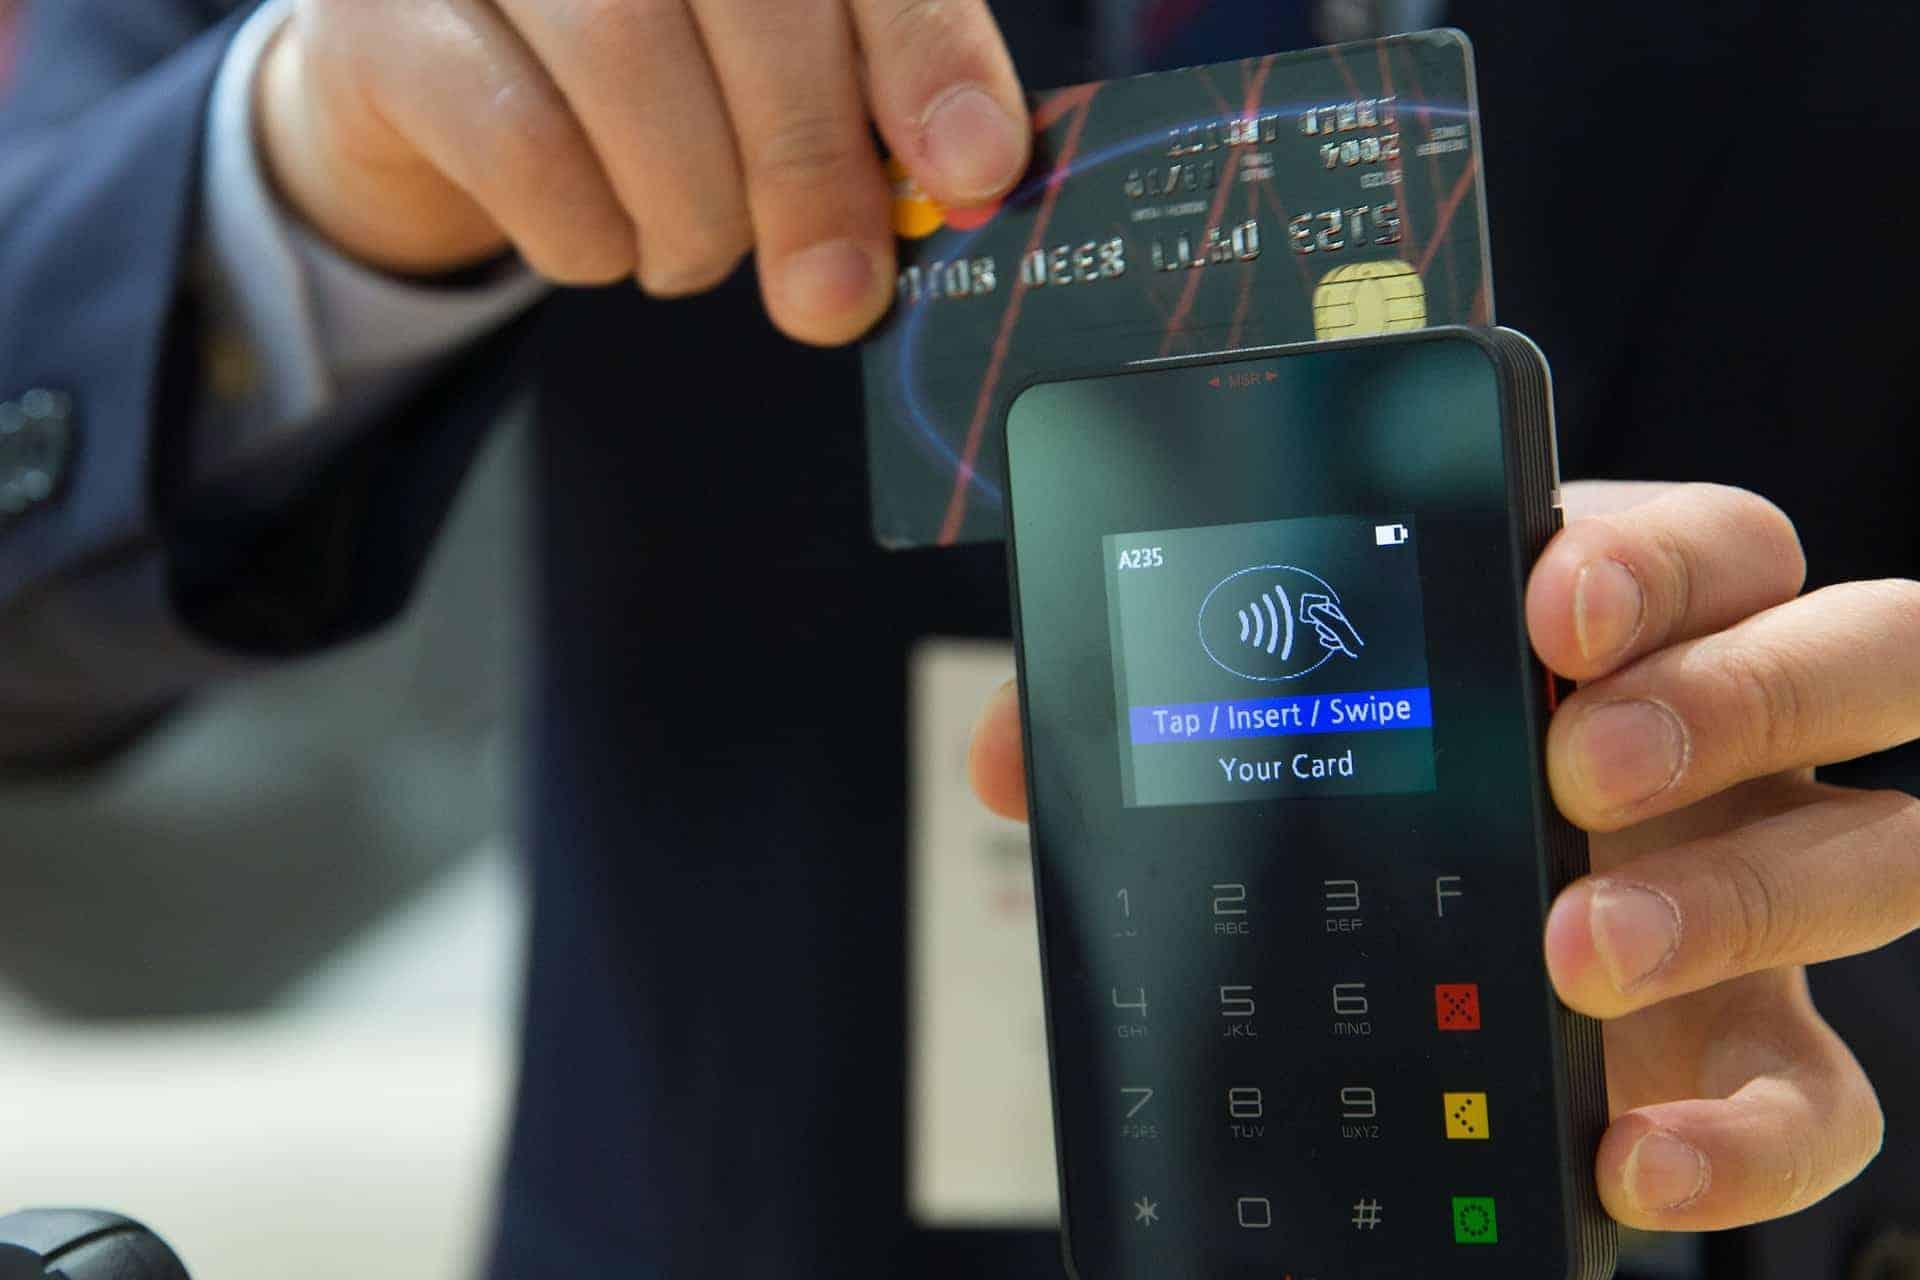 swipe on a phone card reader